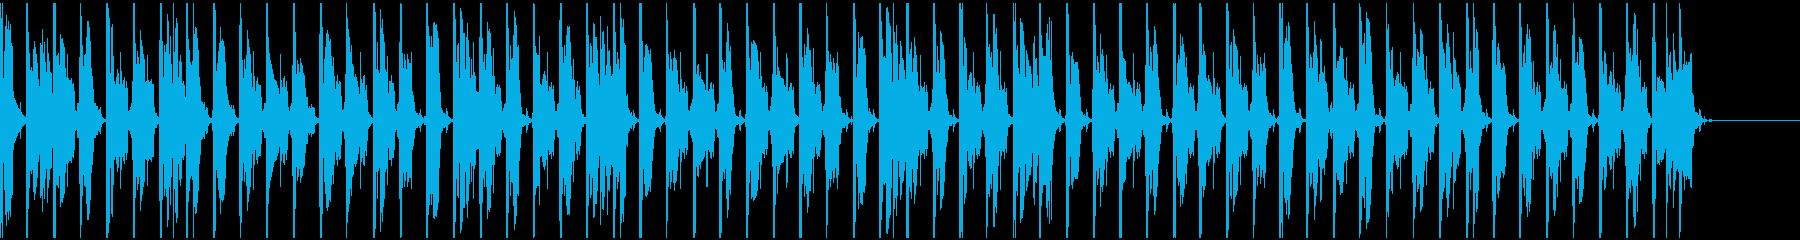 【エレクトロニカ】ロング5、ジングル3の再生済みの波形